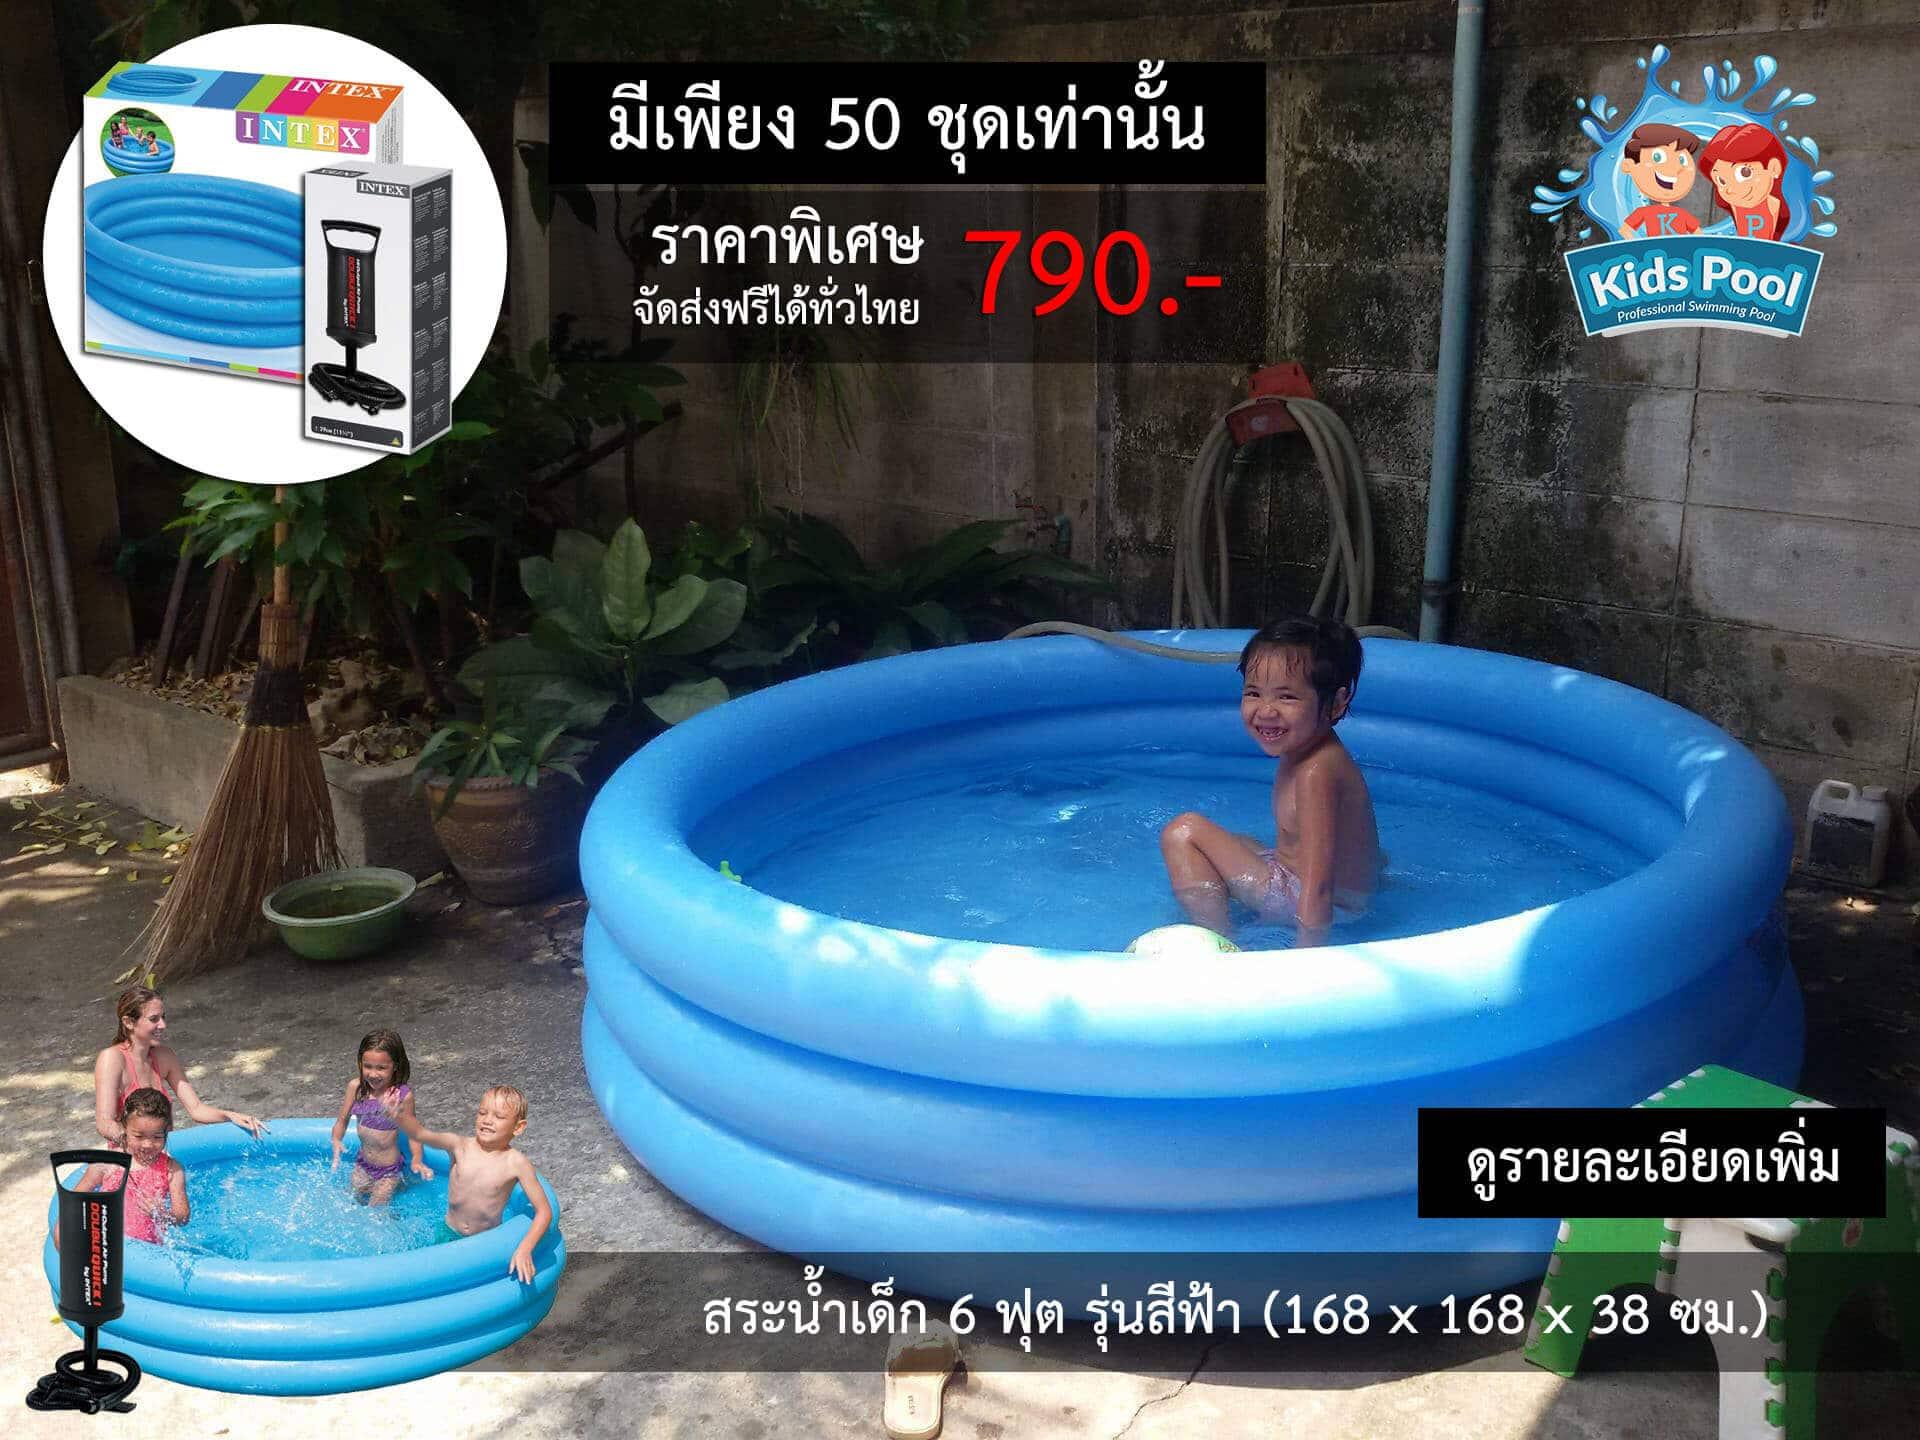 สระน้ำเด็ก Intex 58446-001